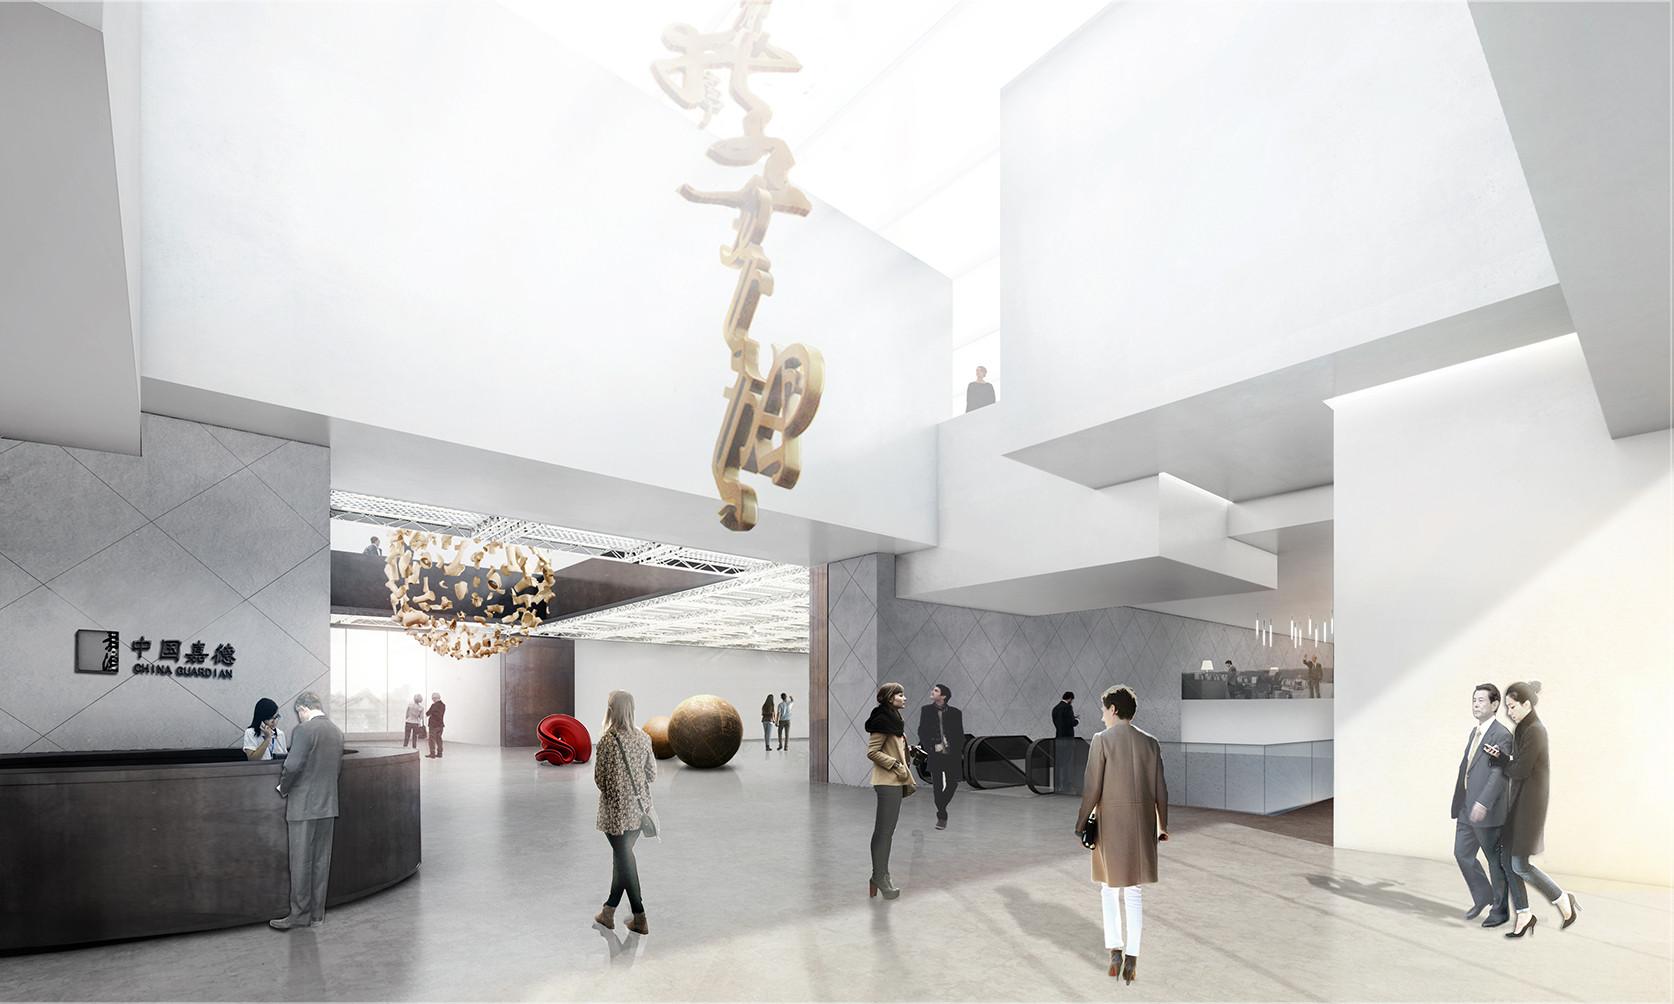 Guardian Art Center by Büro Ole Scheeren, interior. Image Courtesy of Büro Ole Scheeren